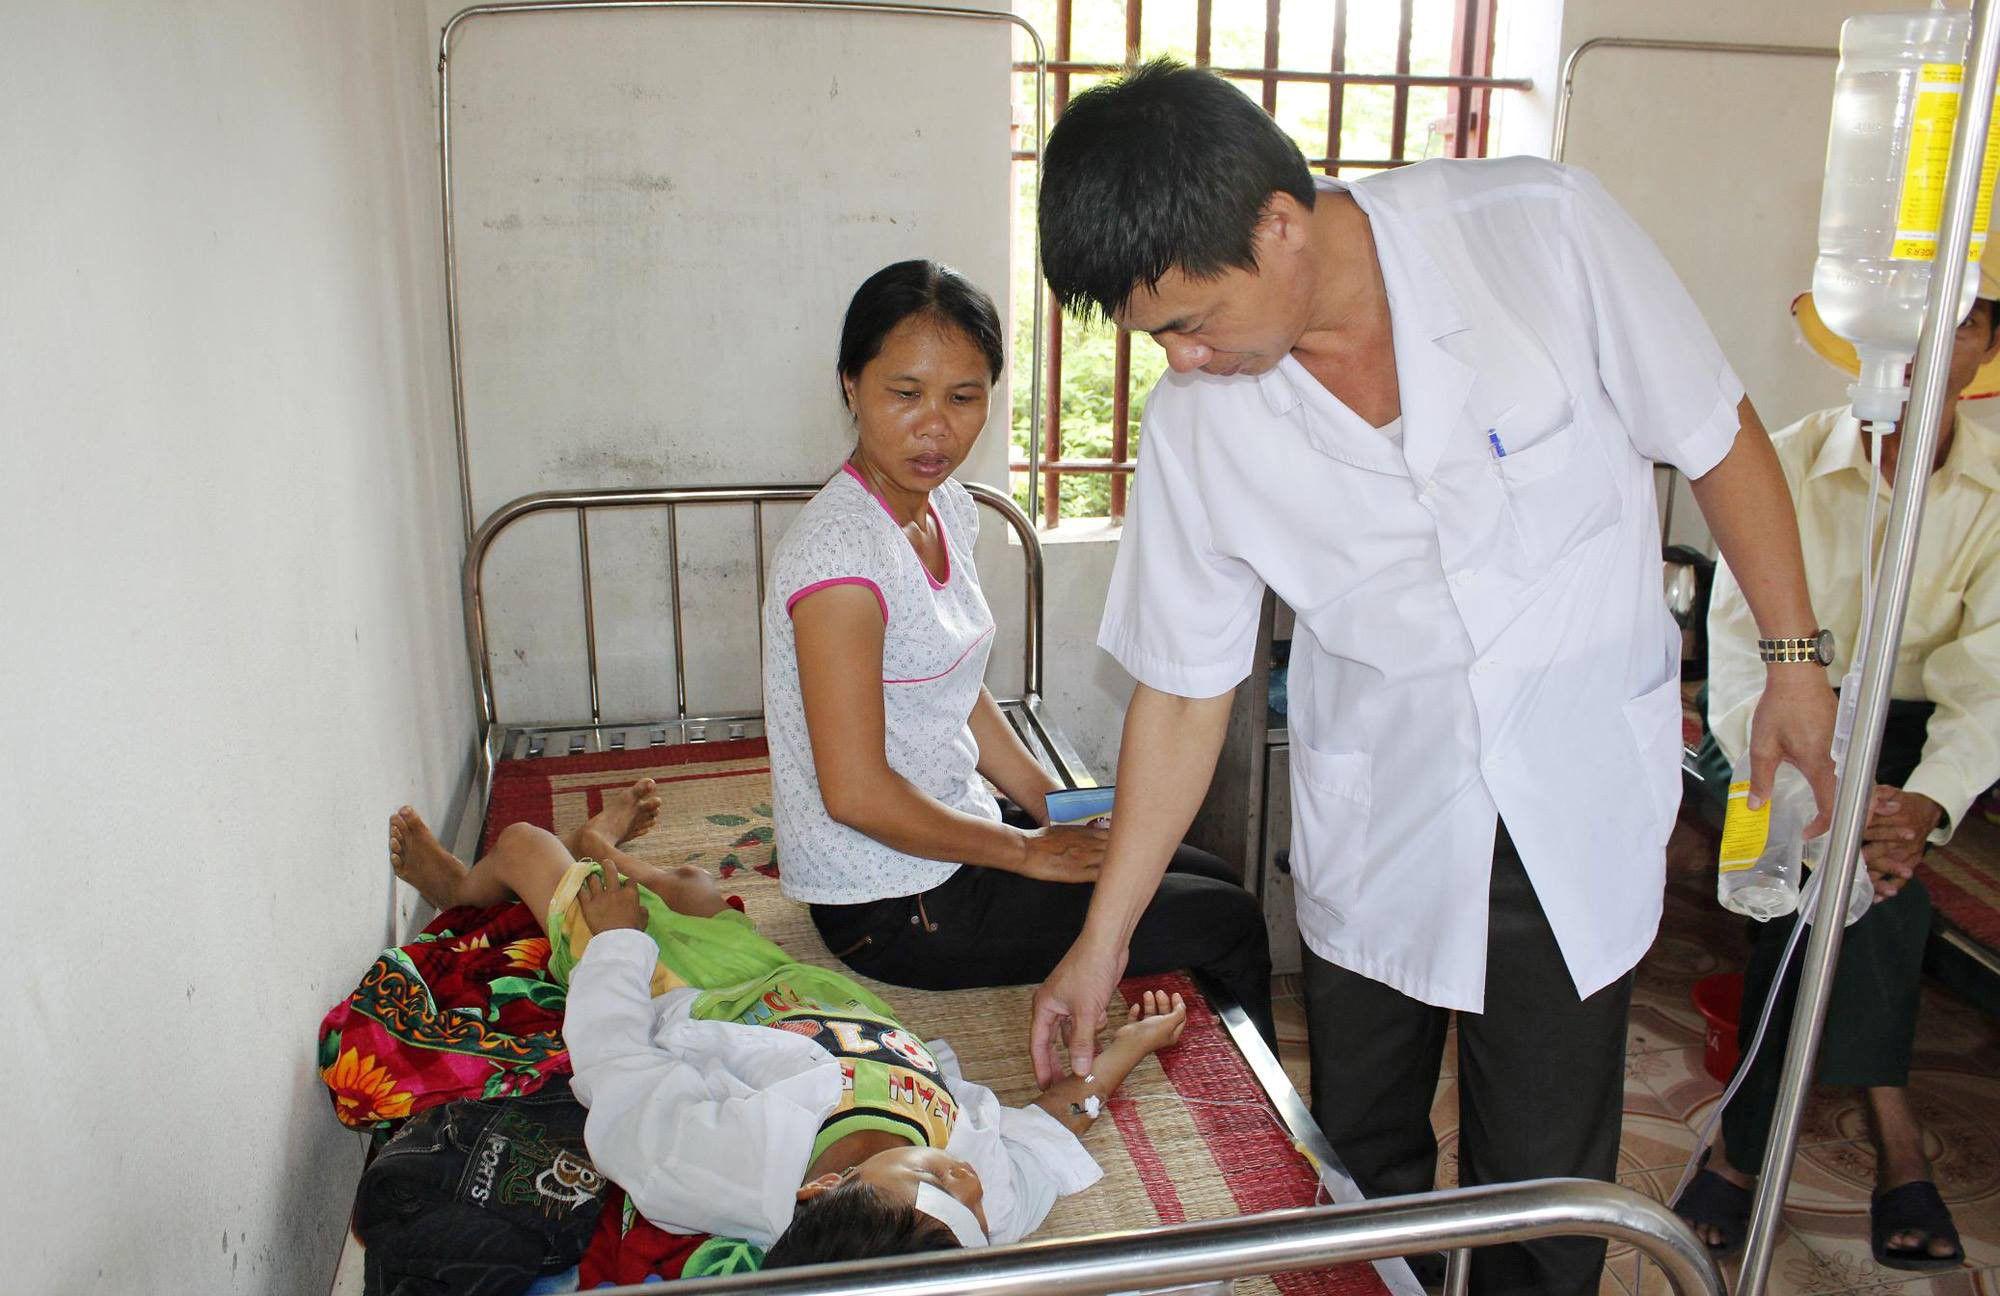 Bùng phát ổ dịch sốt xuất huyết ở Nghệ An Ảnh 1